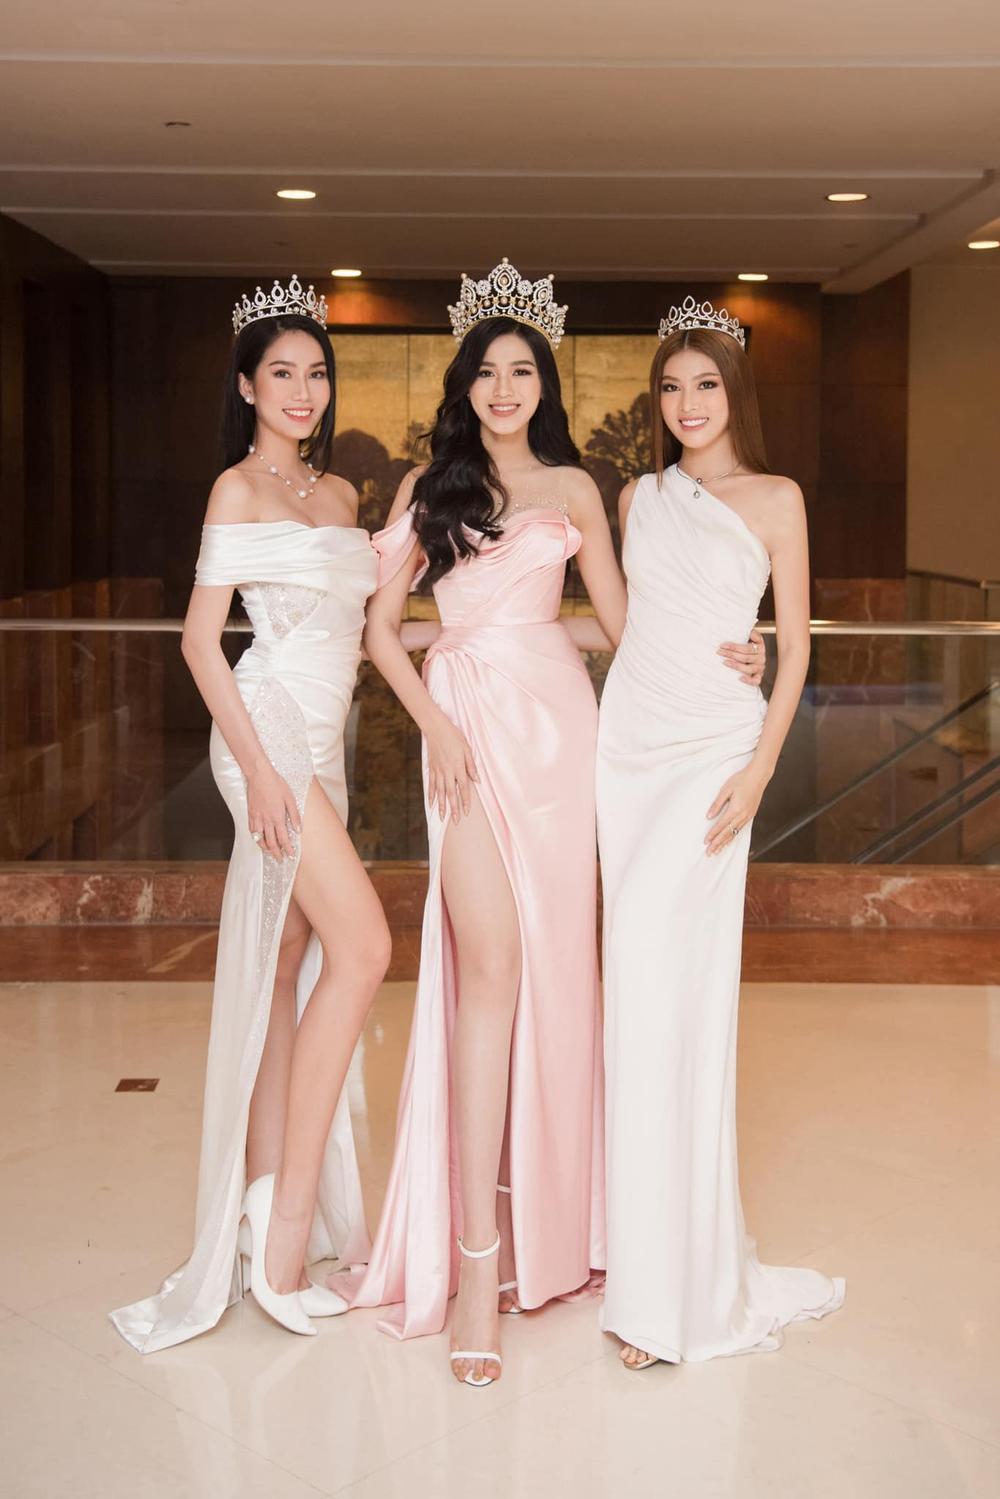 Đỗ Thị Hà bao phen khiến fan chao đảo vì váy xẻ cao ngút ngàn, khoe đôi chân cực phẩm 1m1 Ảnh 6